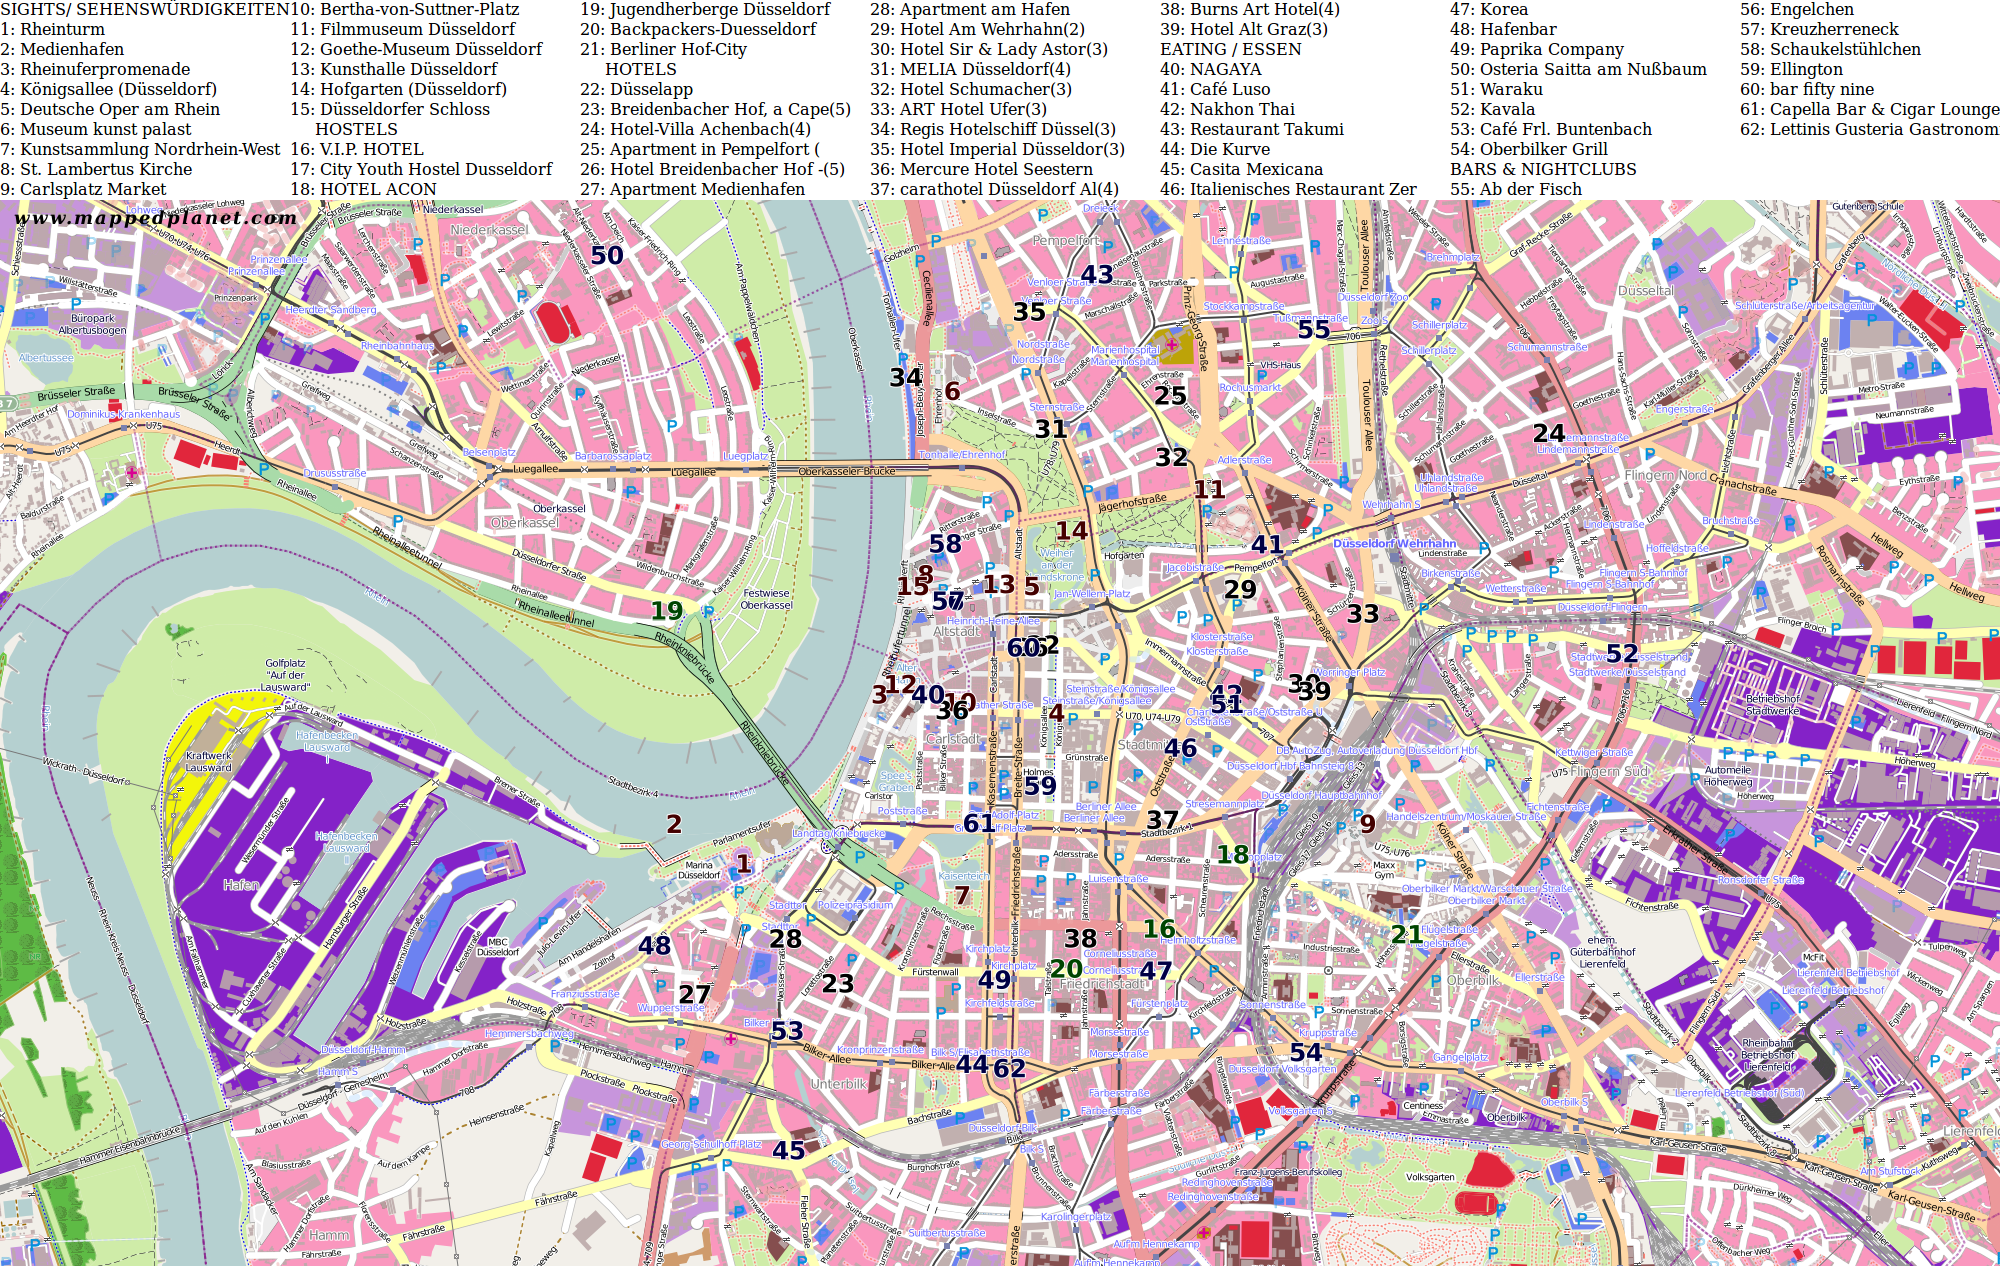 Düsseldorf Karte.Karten Und Stadtpläne Düsseldorf